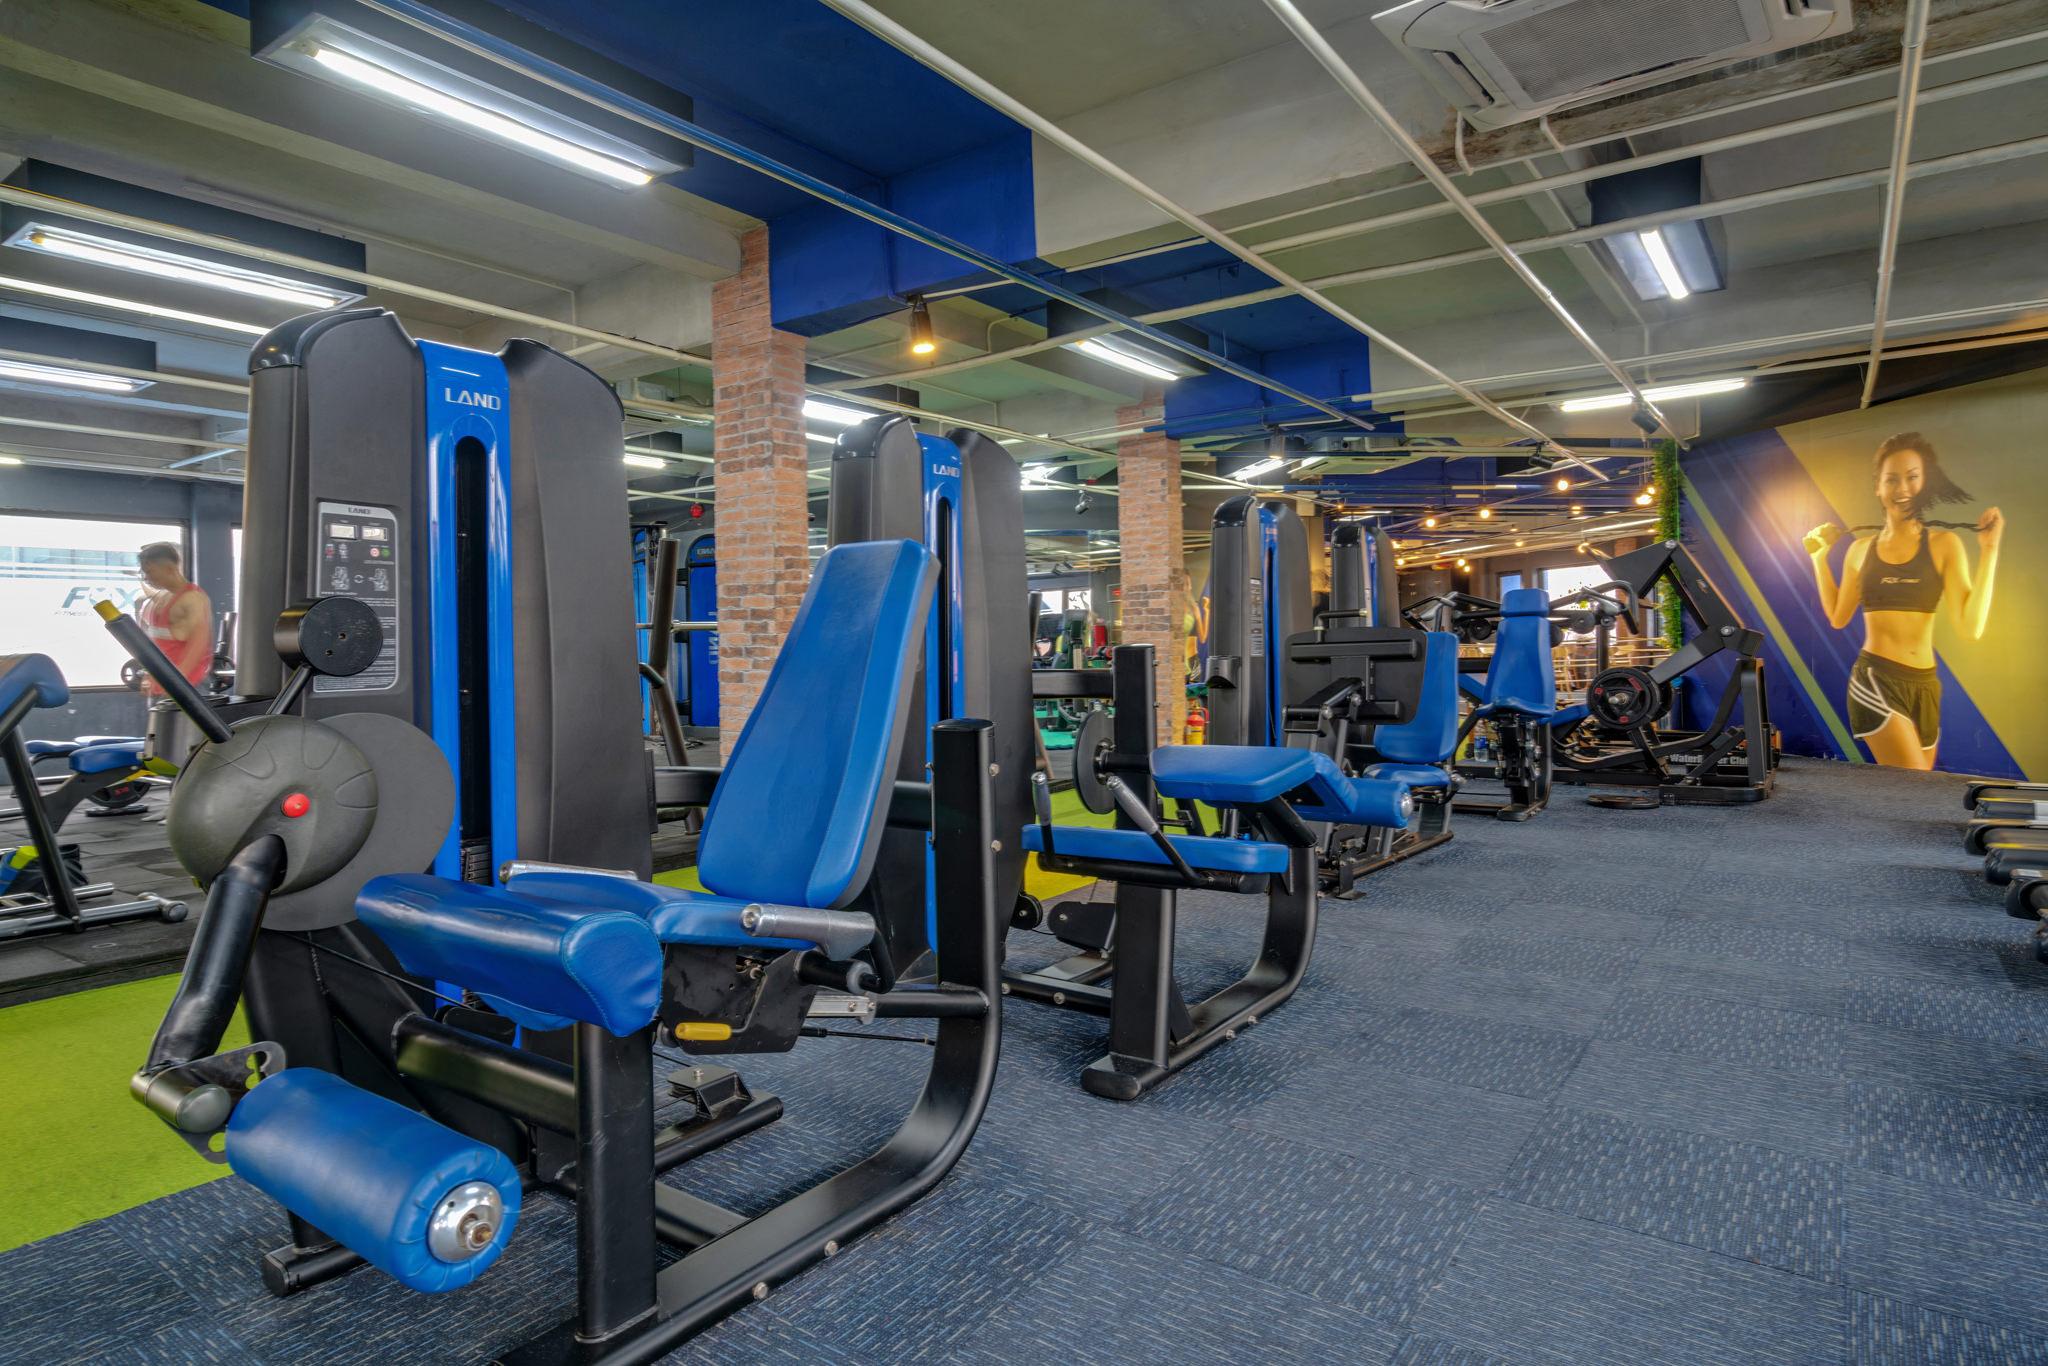 20180504 - Fox fitness - Interior - 20.jpg